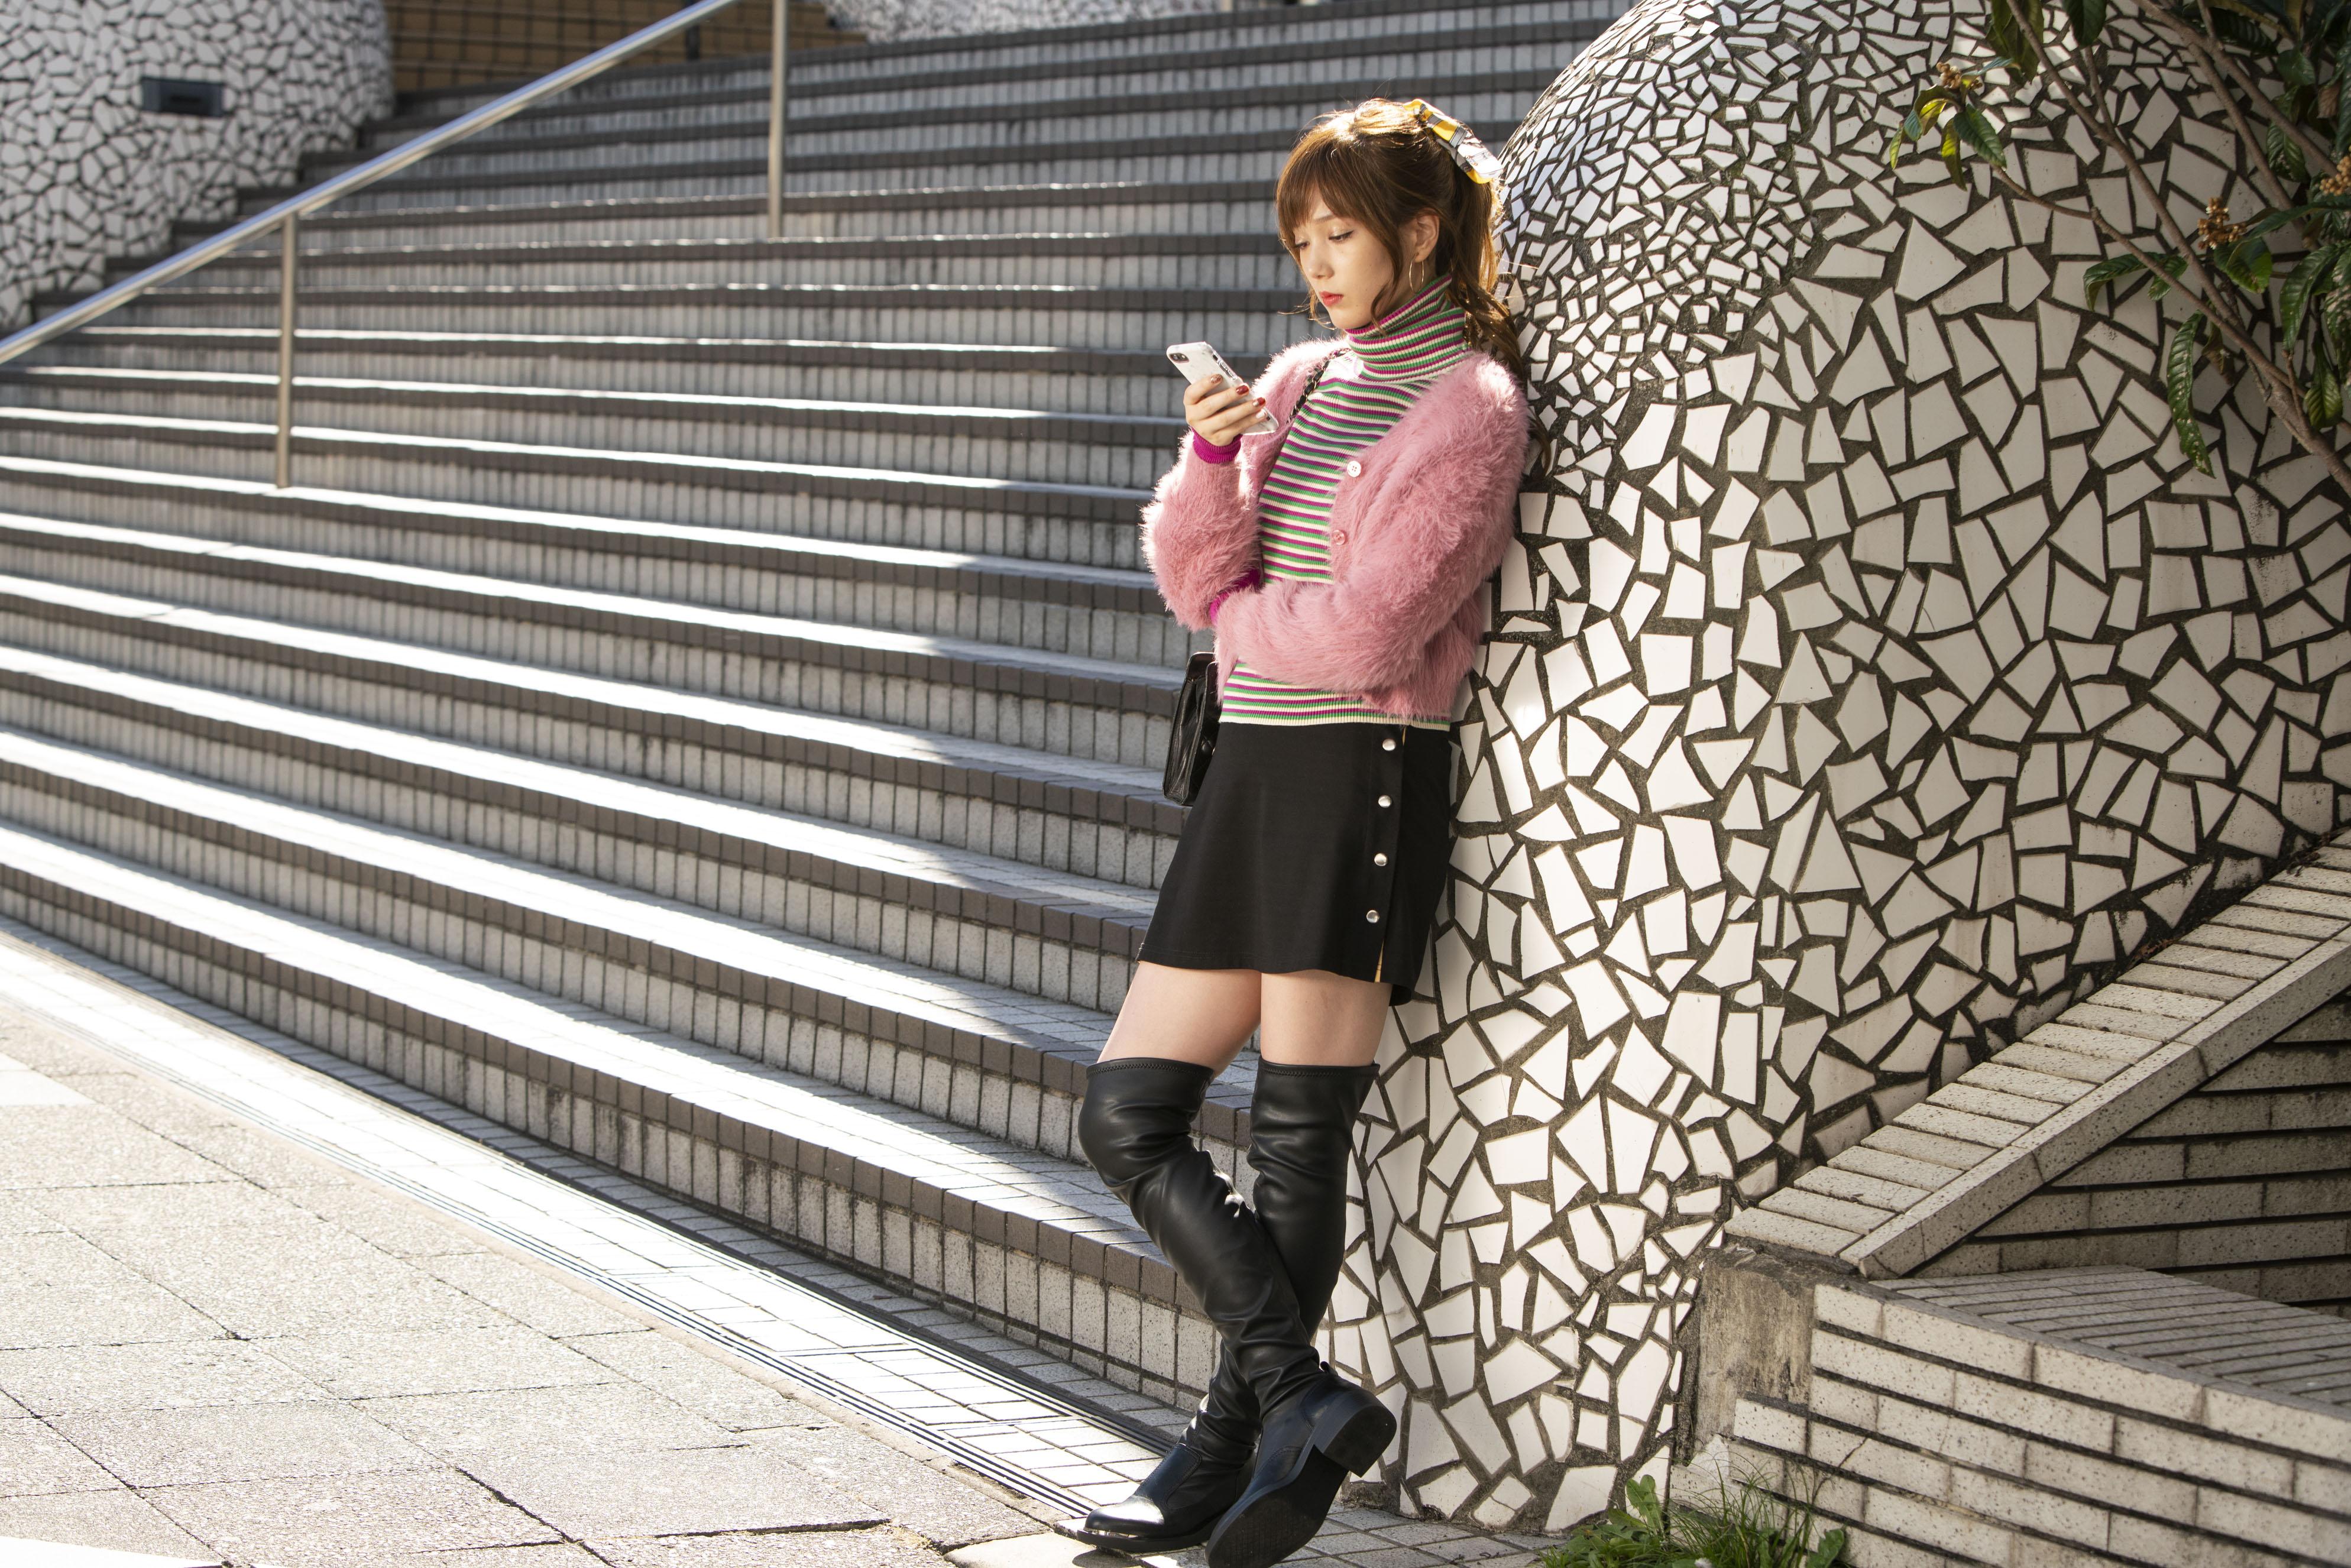 女性のブーツにとてつもないフェチを感じる方P58 [無断転載禁止]©bbspink.comYouTube動画>26本 ->画像>3094枚